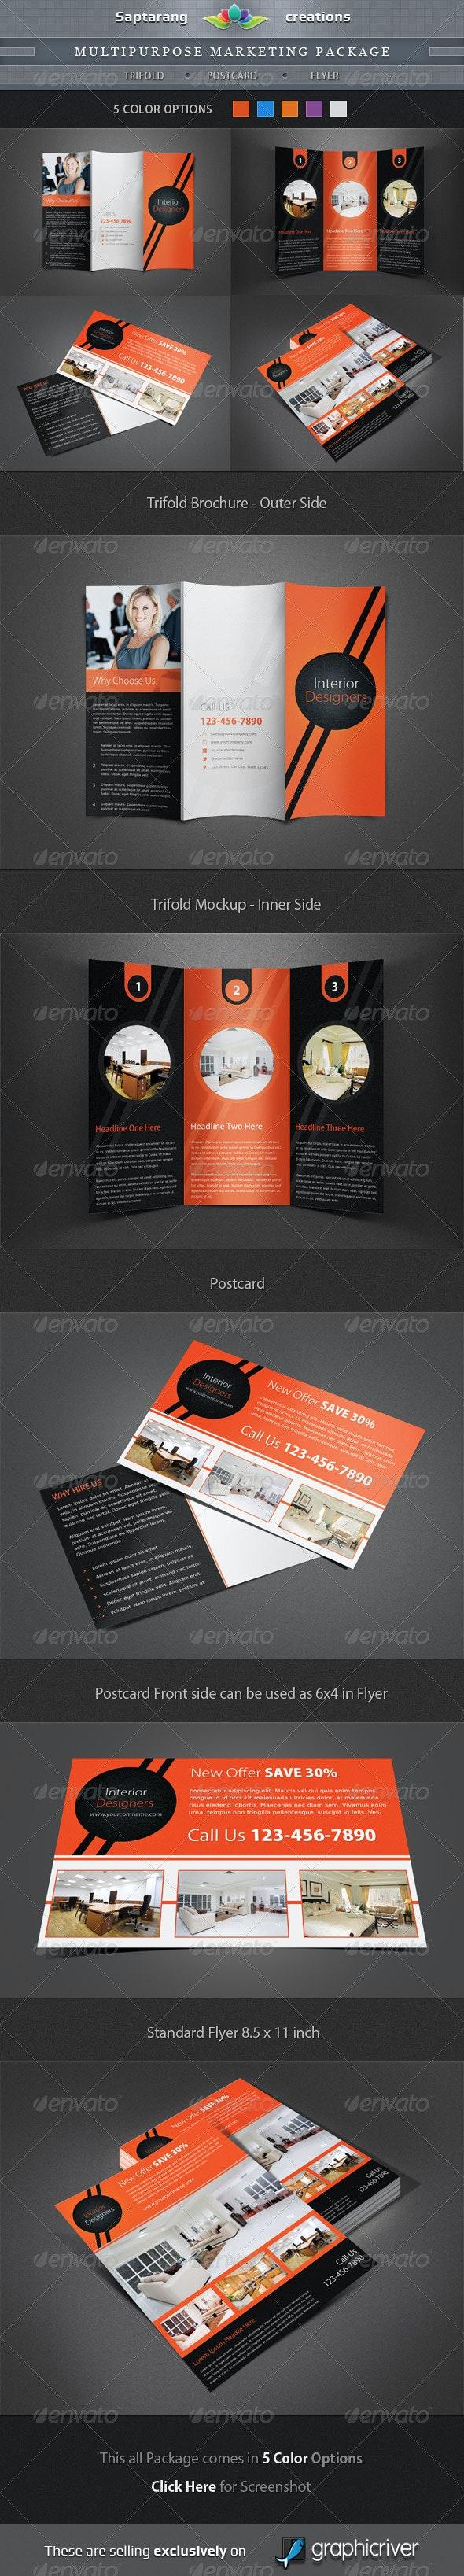 Multipurpose Marketing Package - Corporate Brochures